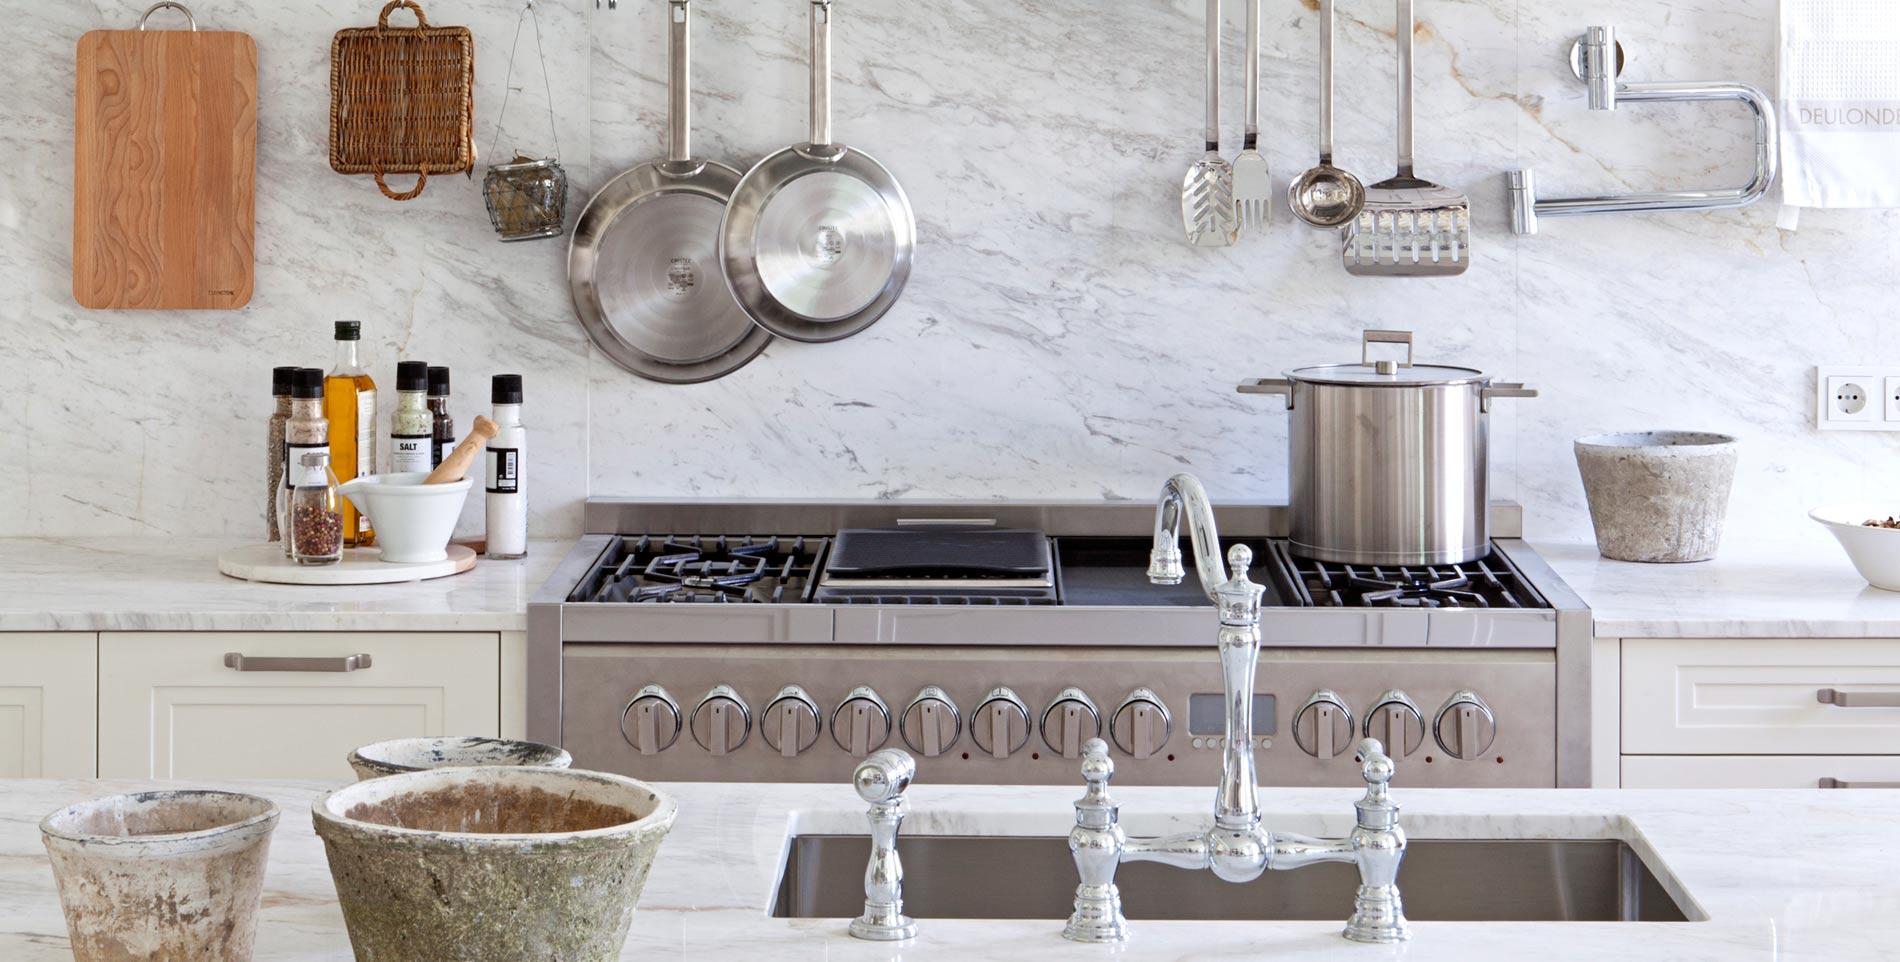 Marmol para cocina beautiful marmol en la cocina with for Marmol de cocina precio